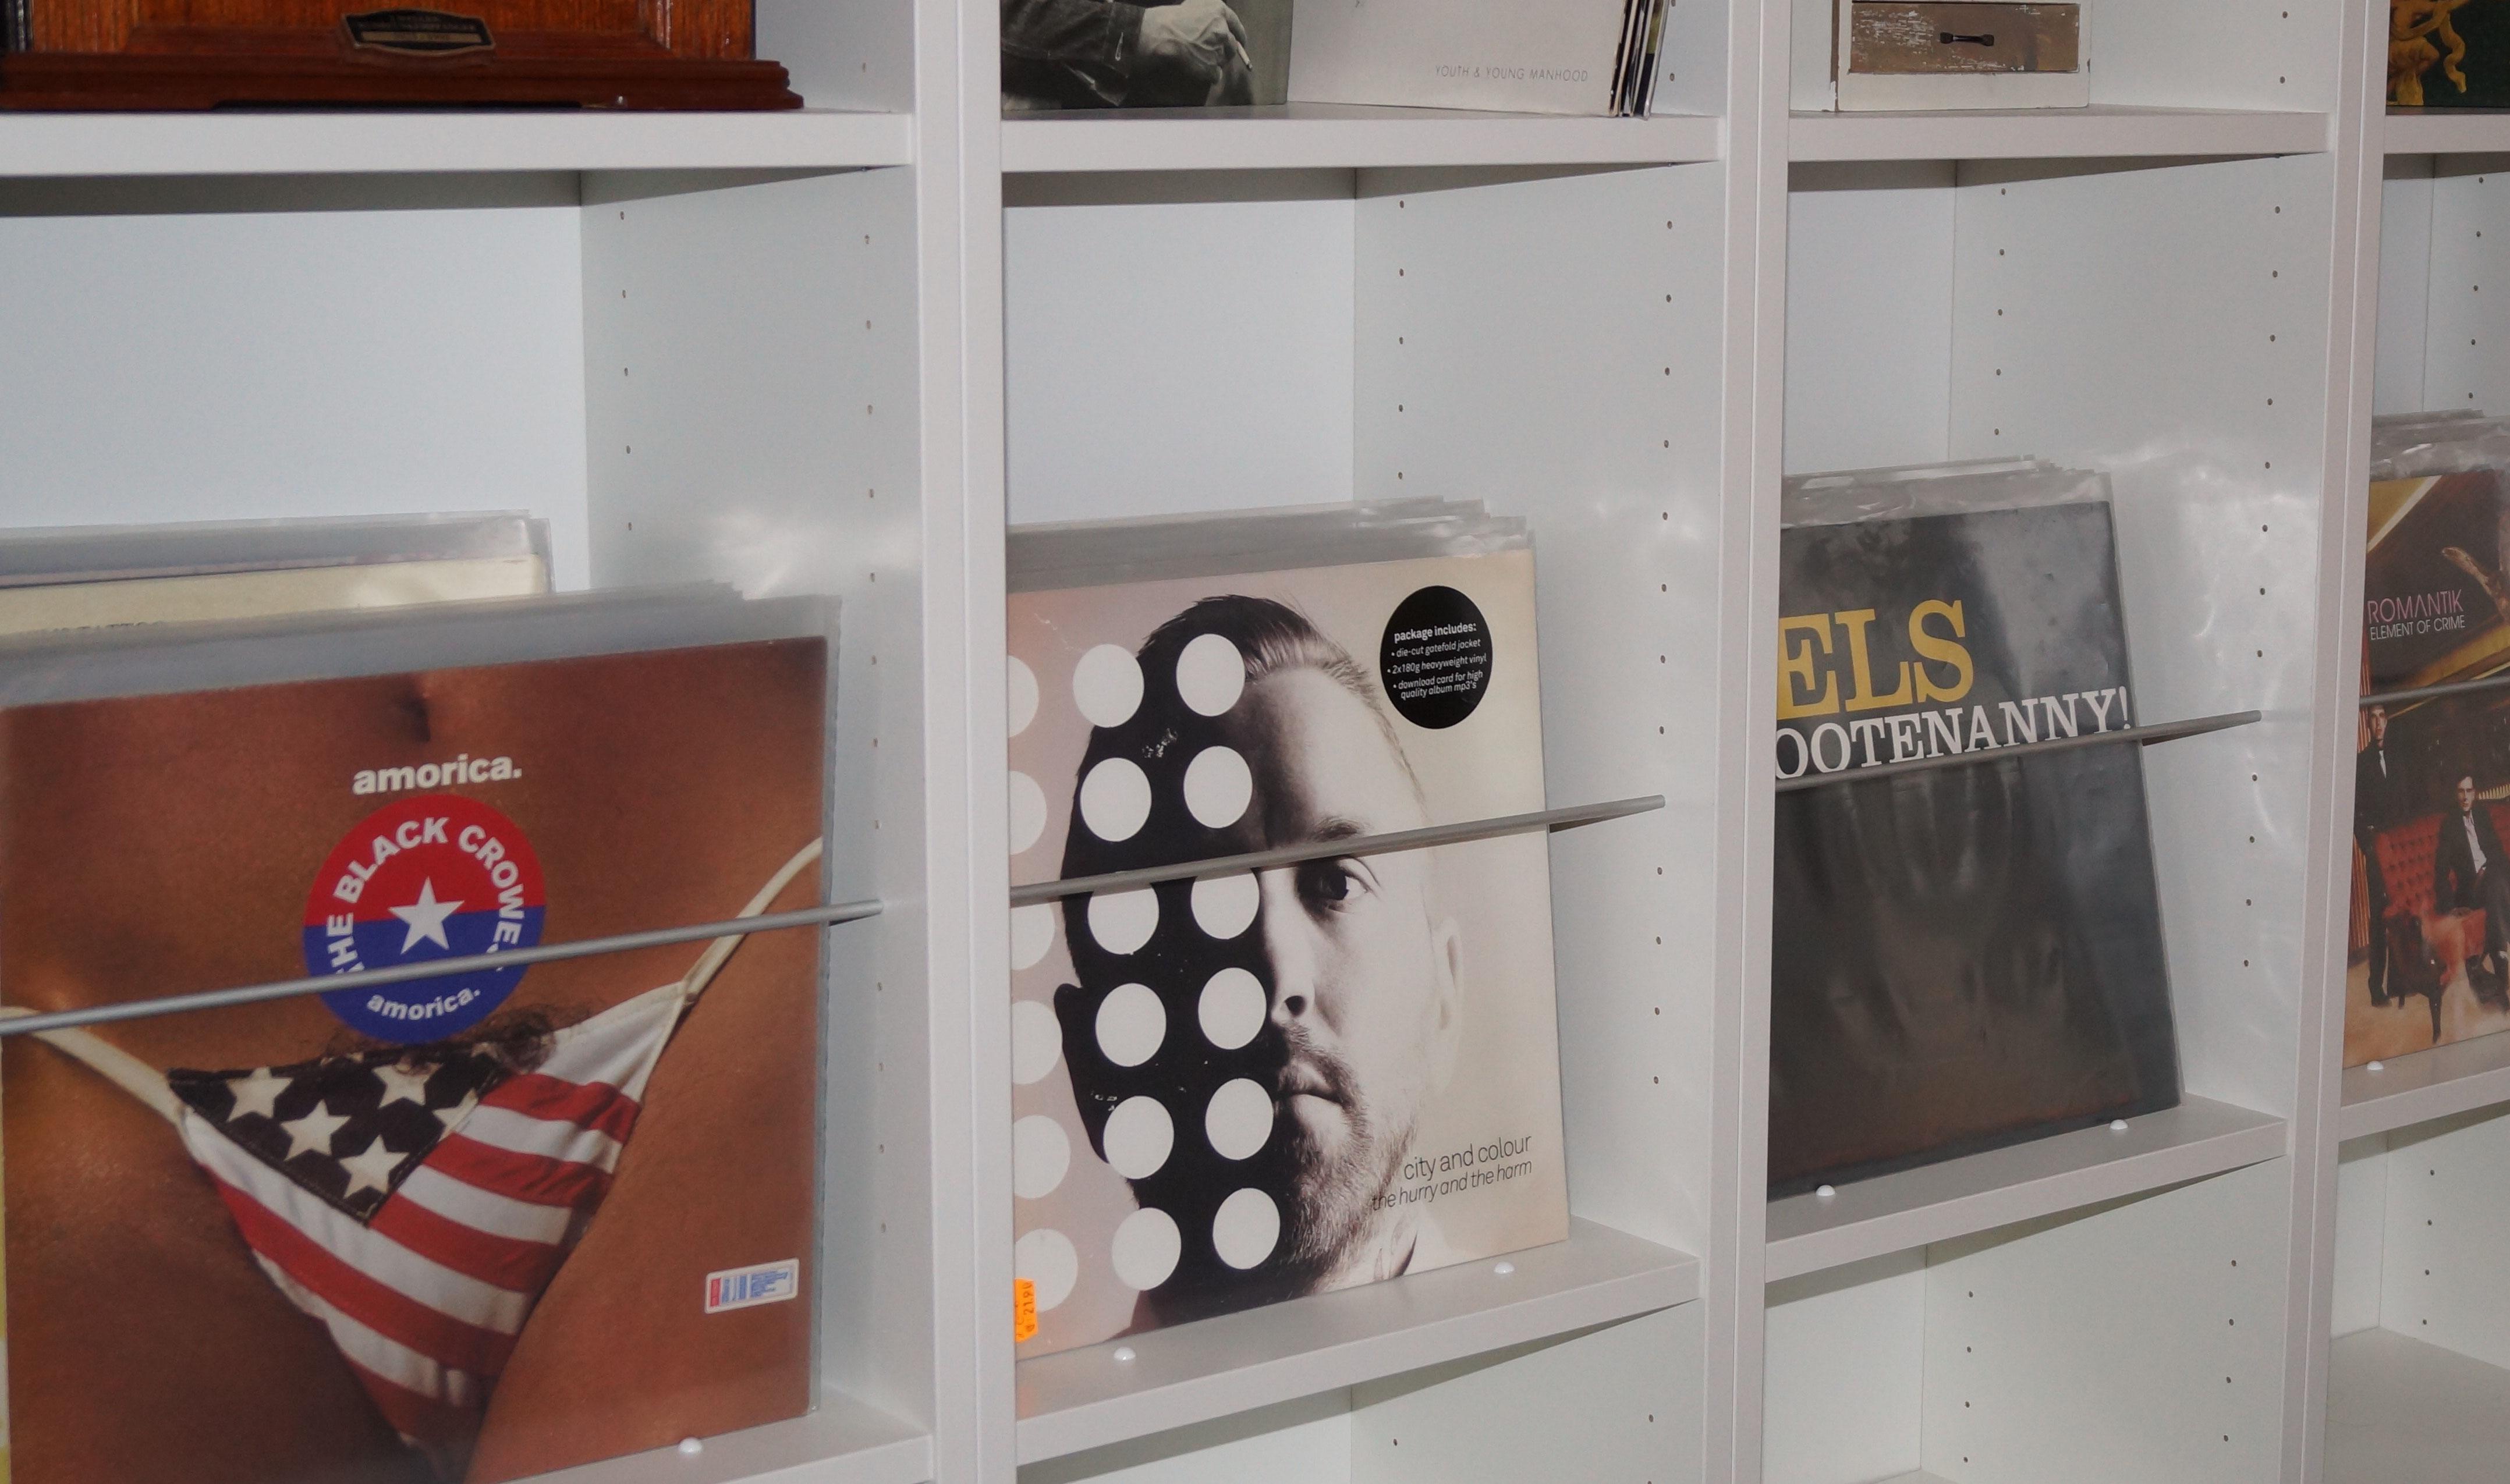 schallplatten aufbewahrung idee wohn design. Black Bedroom Furniture Sets. Home Design Ideas